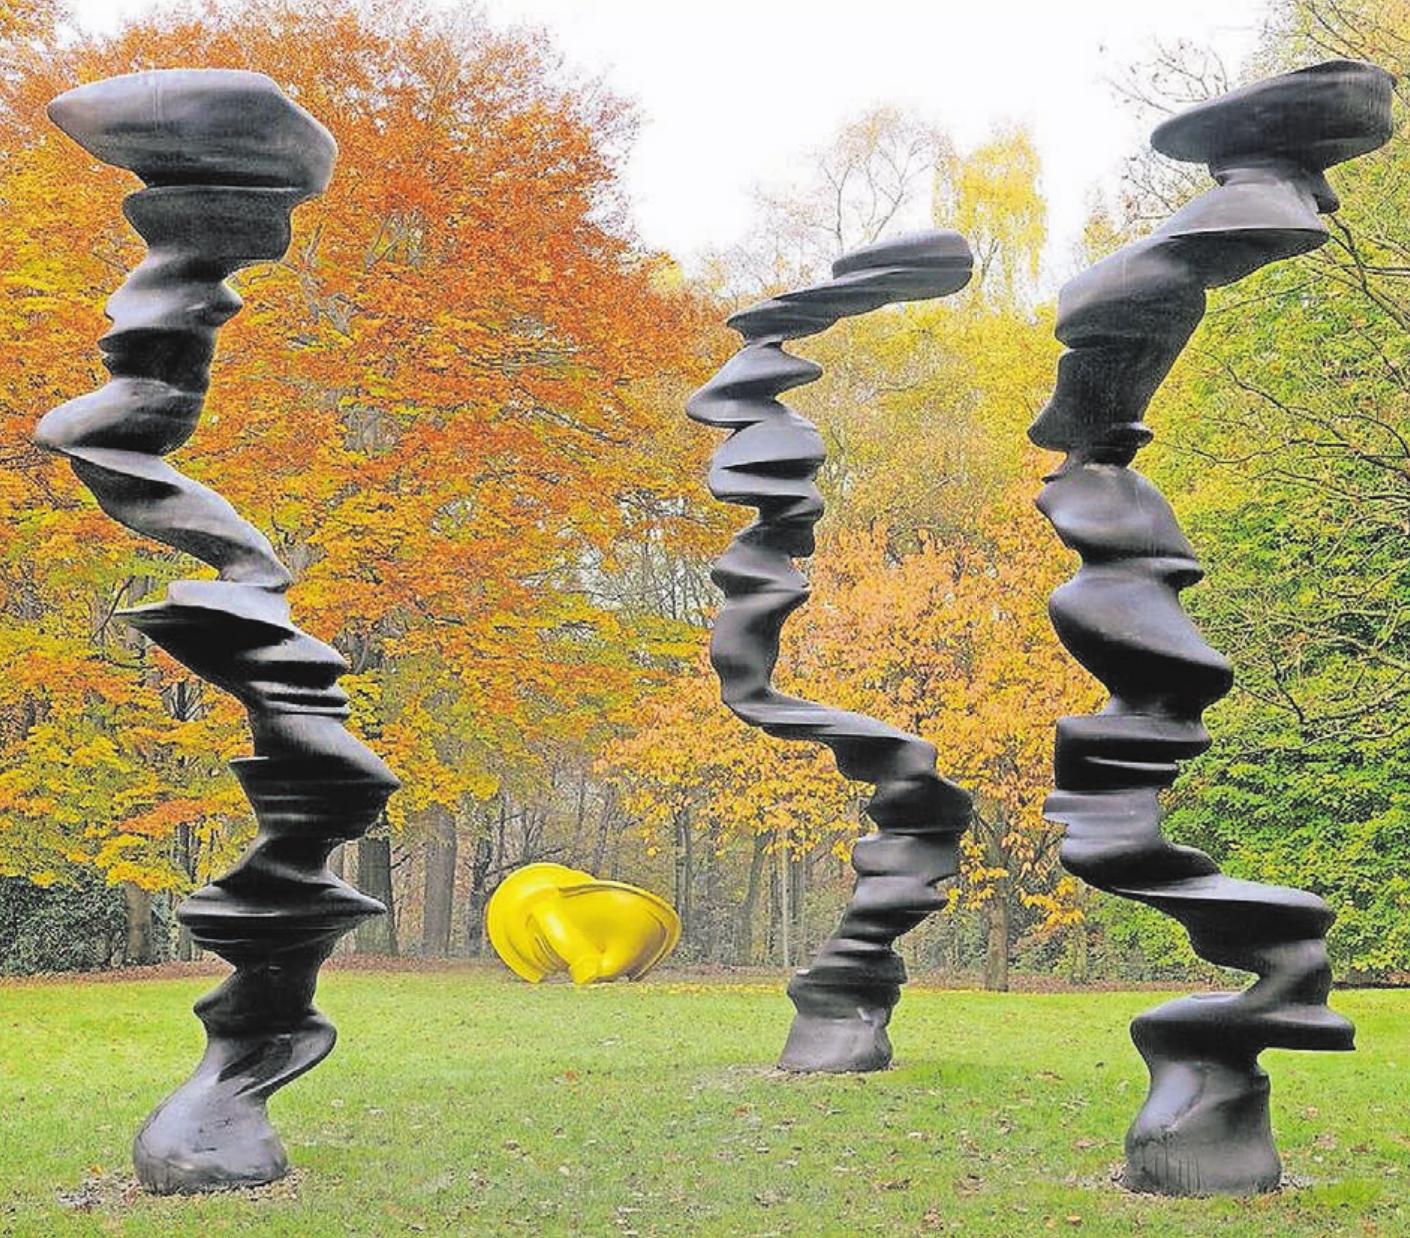 Der Skulpturenpark von Tony Cragg hat Wuppertals Ruf als international renommierte Kunststadt weiter gefestigt. Der Besuch einer Tanzvorstellung des Ensembles von Pina Bausch oder einer der Ausstellungen im Von der Heydt-Museum sind ebenfalls sehr gefragt.